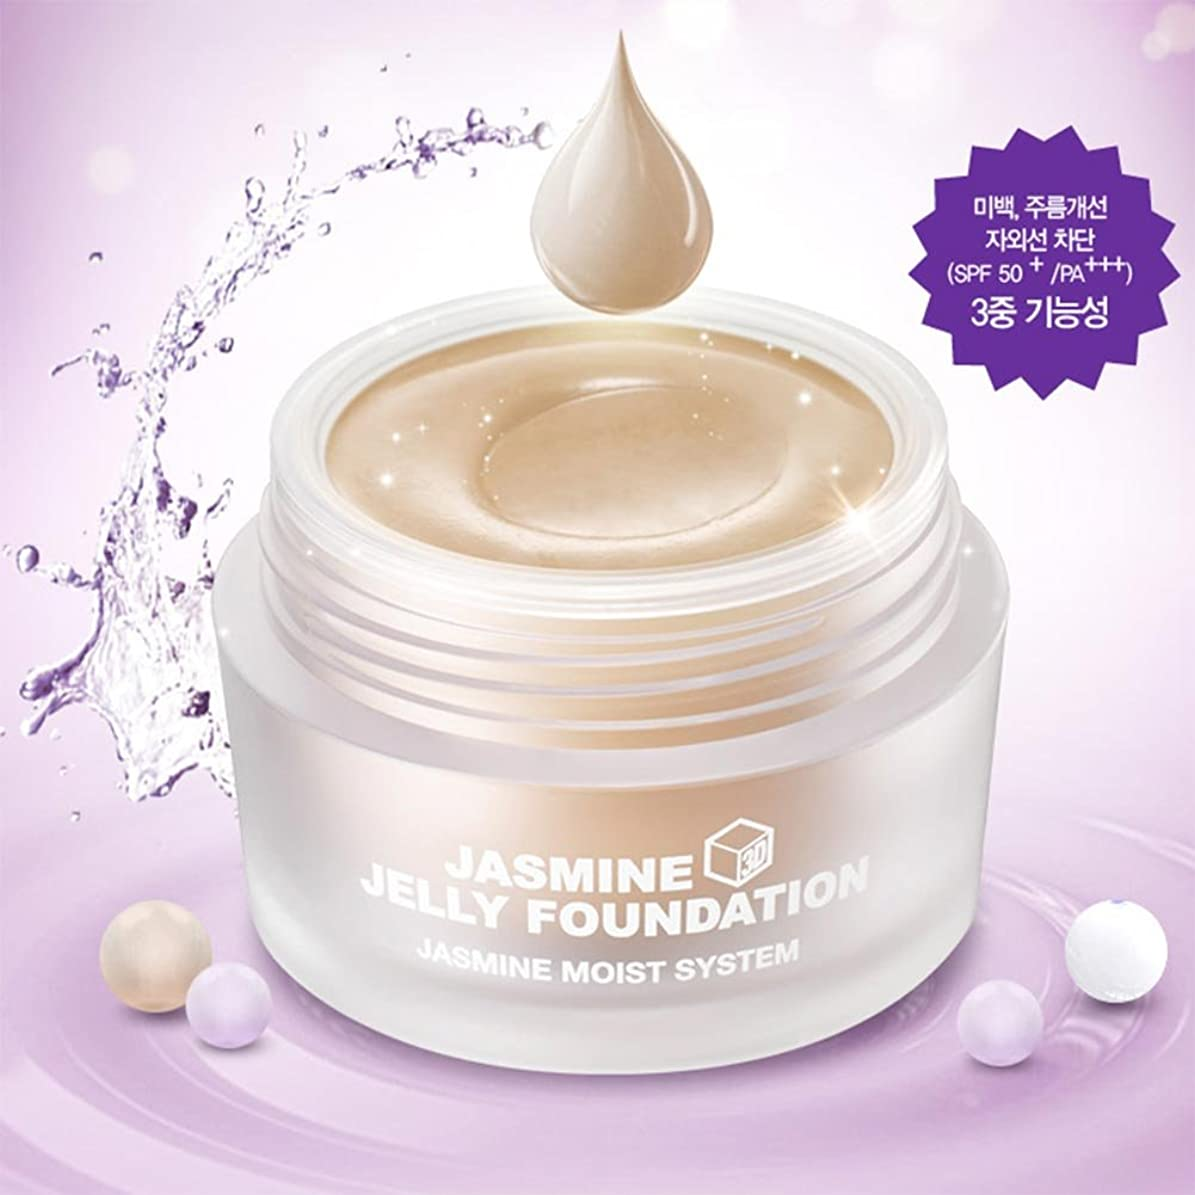 問い合わせる根拠ねばねば【BRTC/非アルティさん]韓国化粧品JASMINE 3D Jelly Foundation/軽いスリムフィット肌完成!/ジャスミン3Dゼリーファンデーション30ml(海外直送品)